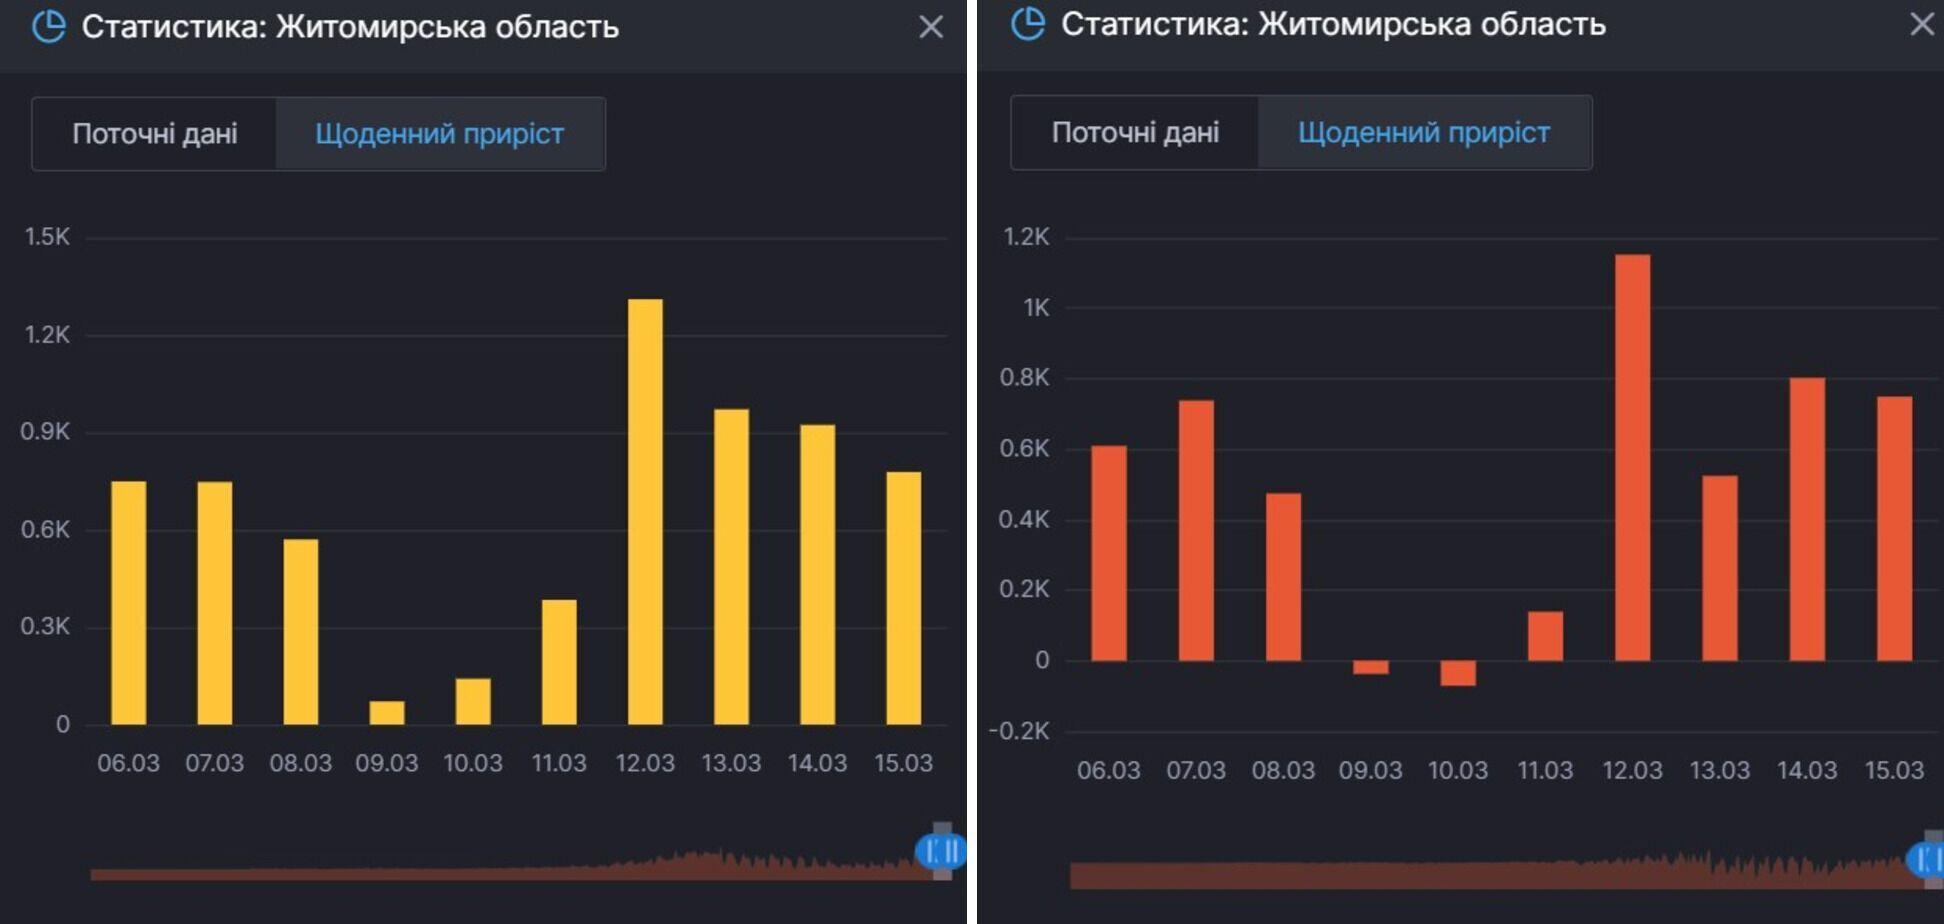 Приріст нових заражень COVID-19 і тих, хто продовжує хворіти на Житомирщині